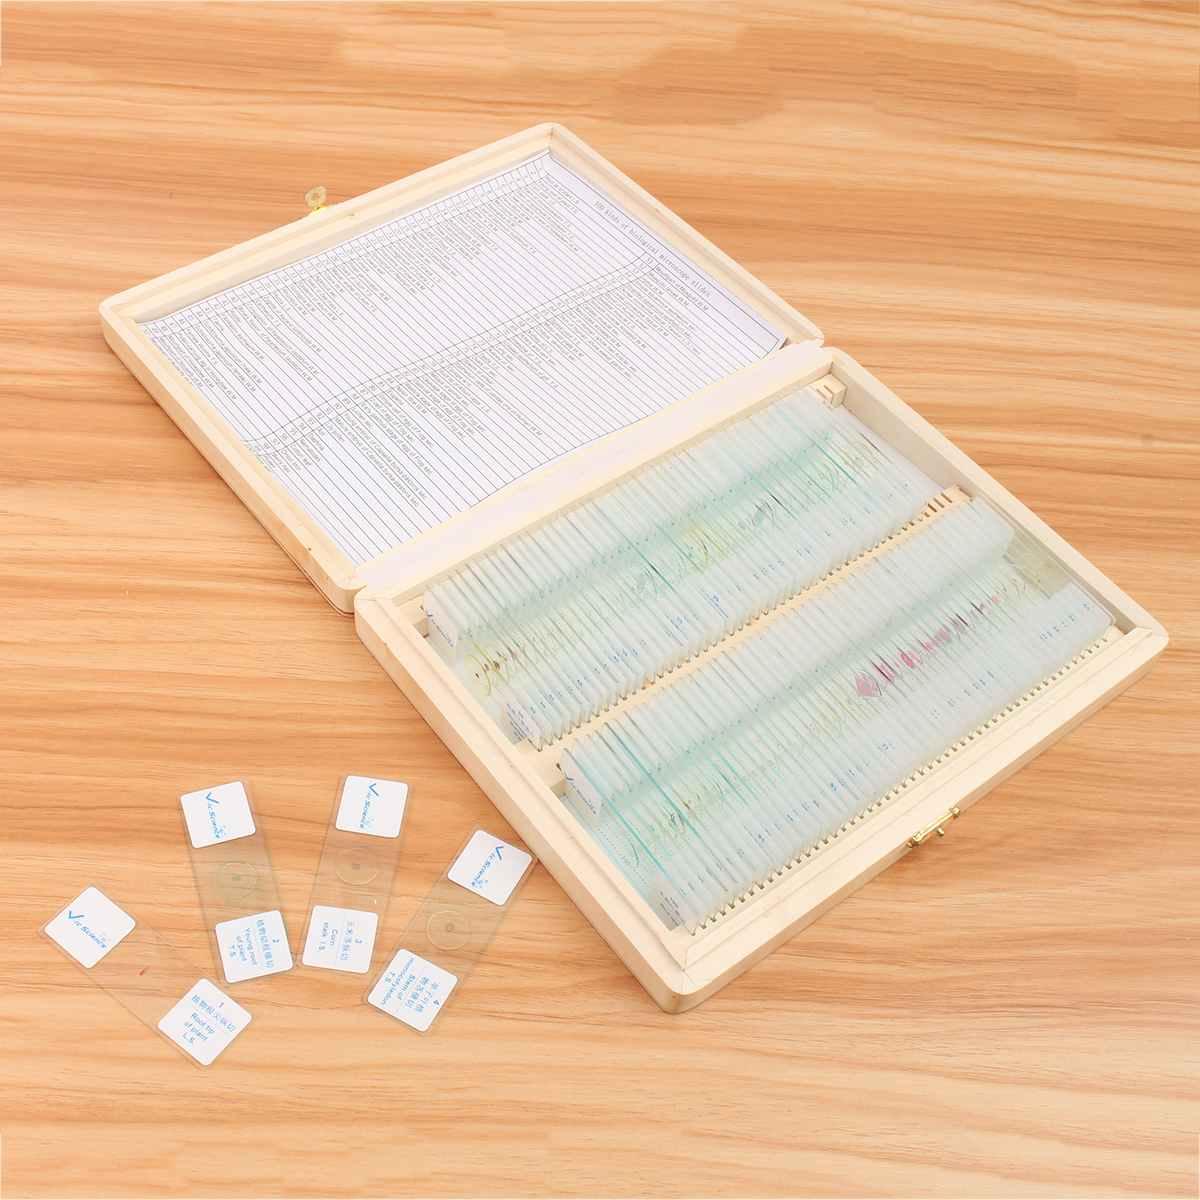 100 Pcs/set Mikroskop Glas Rutschen Probe Glas Vorbereitet Grundlegende Wissenschaft Biologischen Probe Abdeckung Rutscht Holz Lagerung Box Tragbare üBerlegene (In) QualitäT